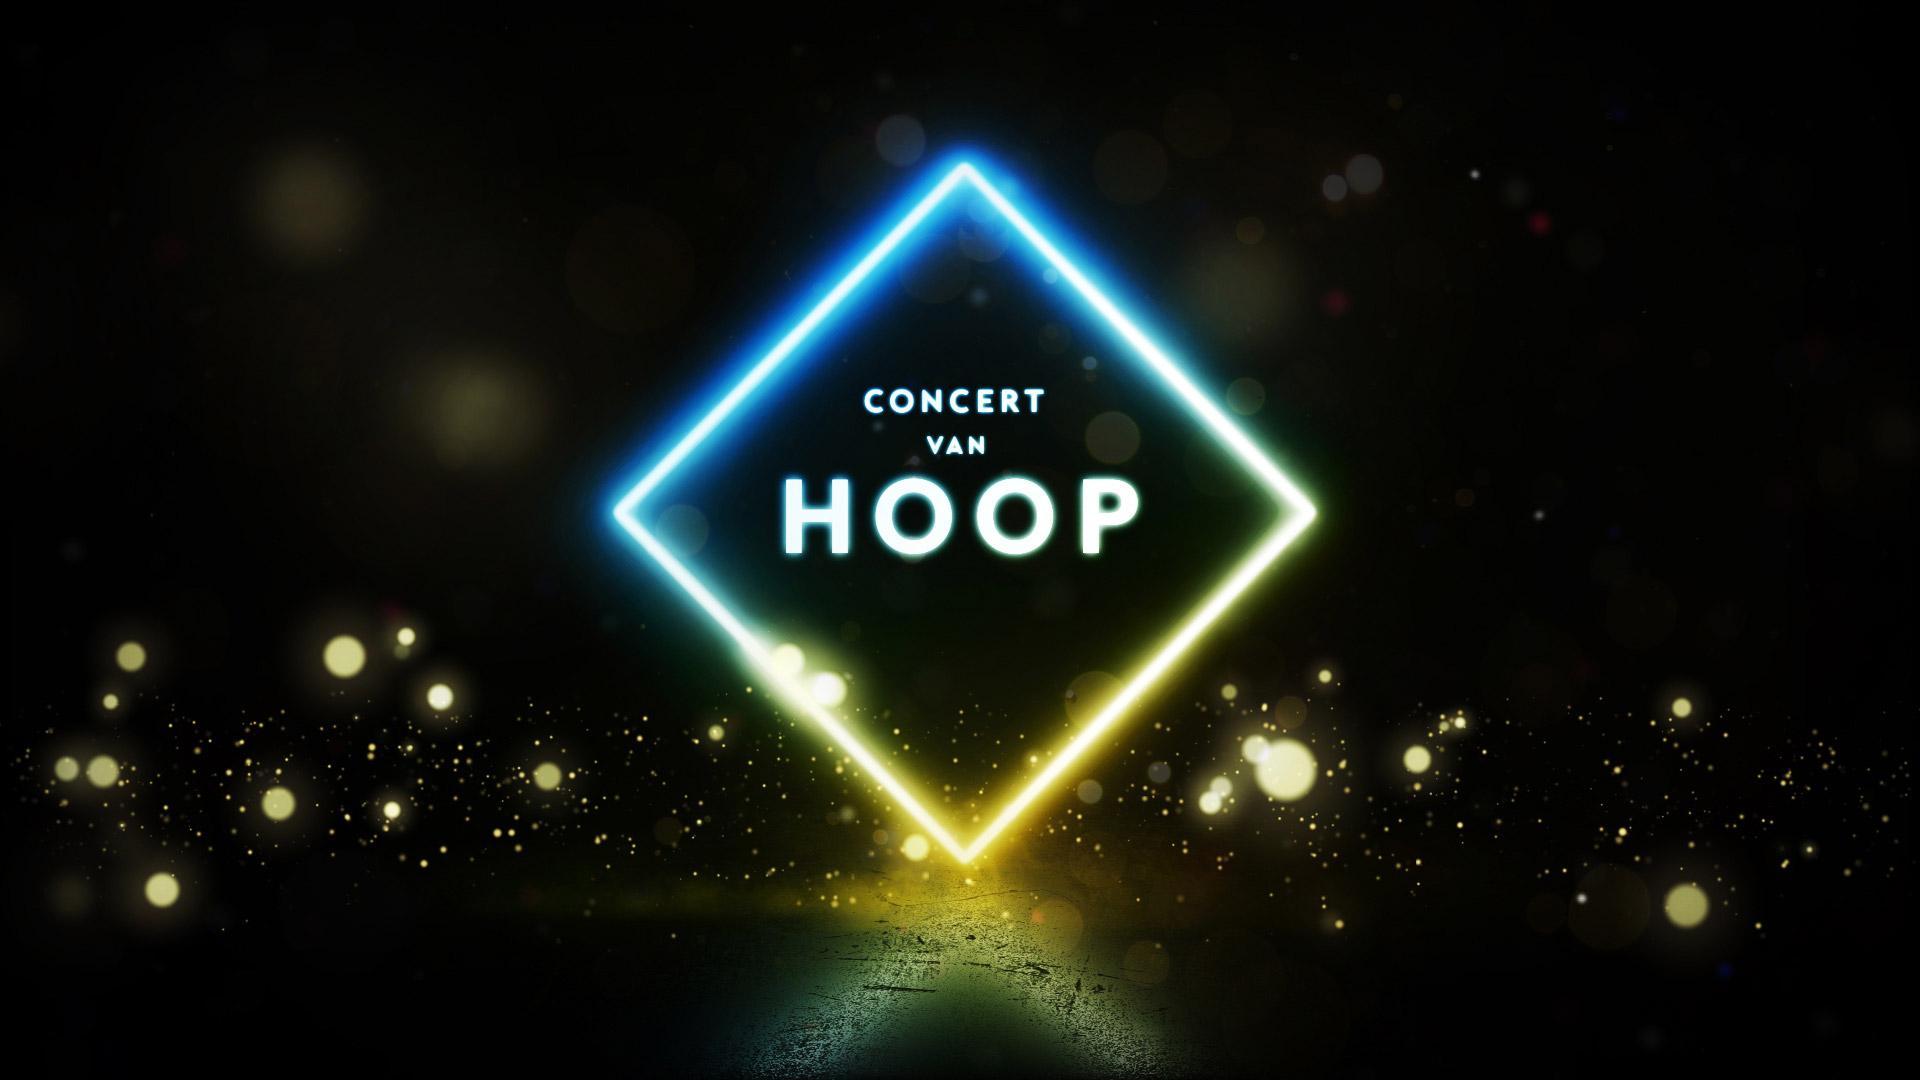 Concert van Hoop - LIVE vanuit Ahoy